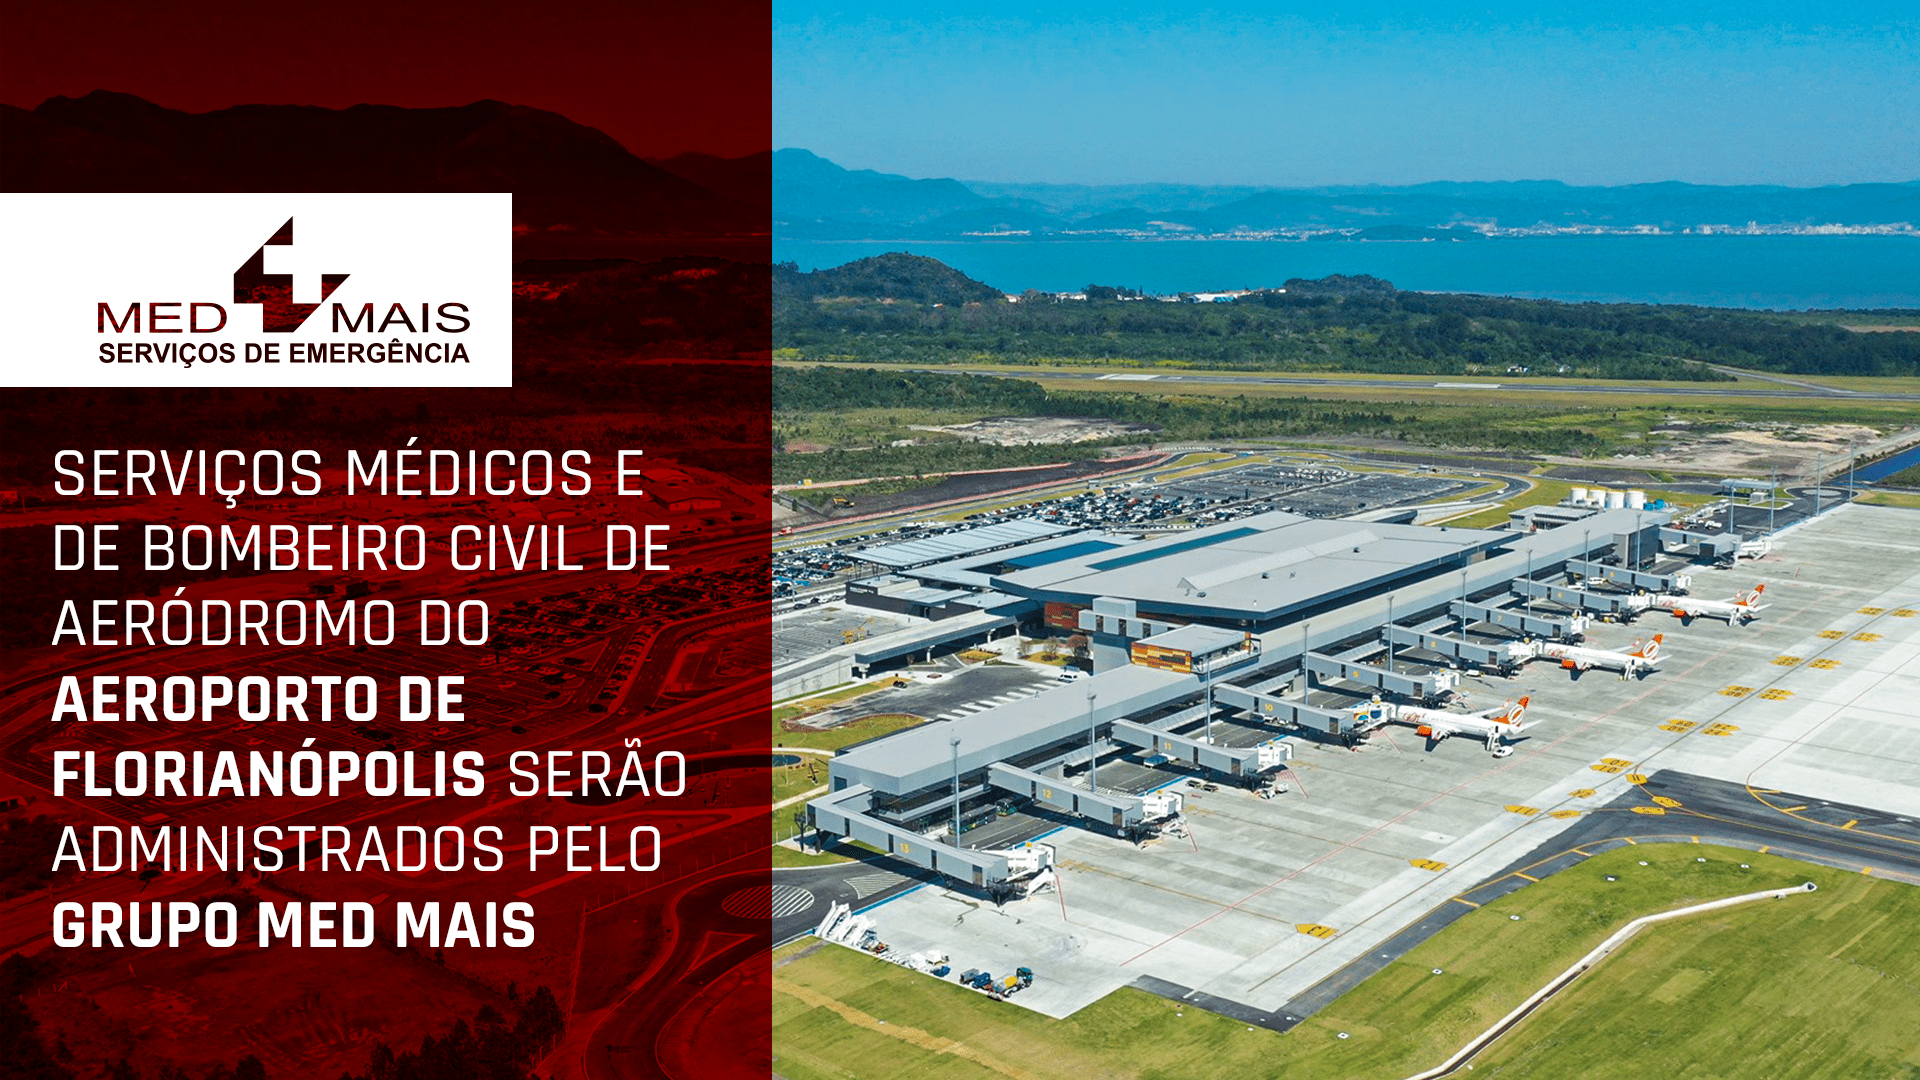 Serviços Médicos e de Bombeiro Civil de Aeródromo do aeroporto de Florianópolis serão administrados pelo Grupo Med Mais